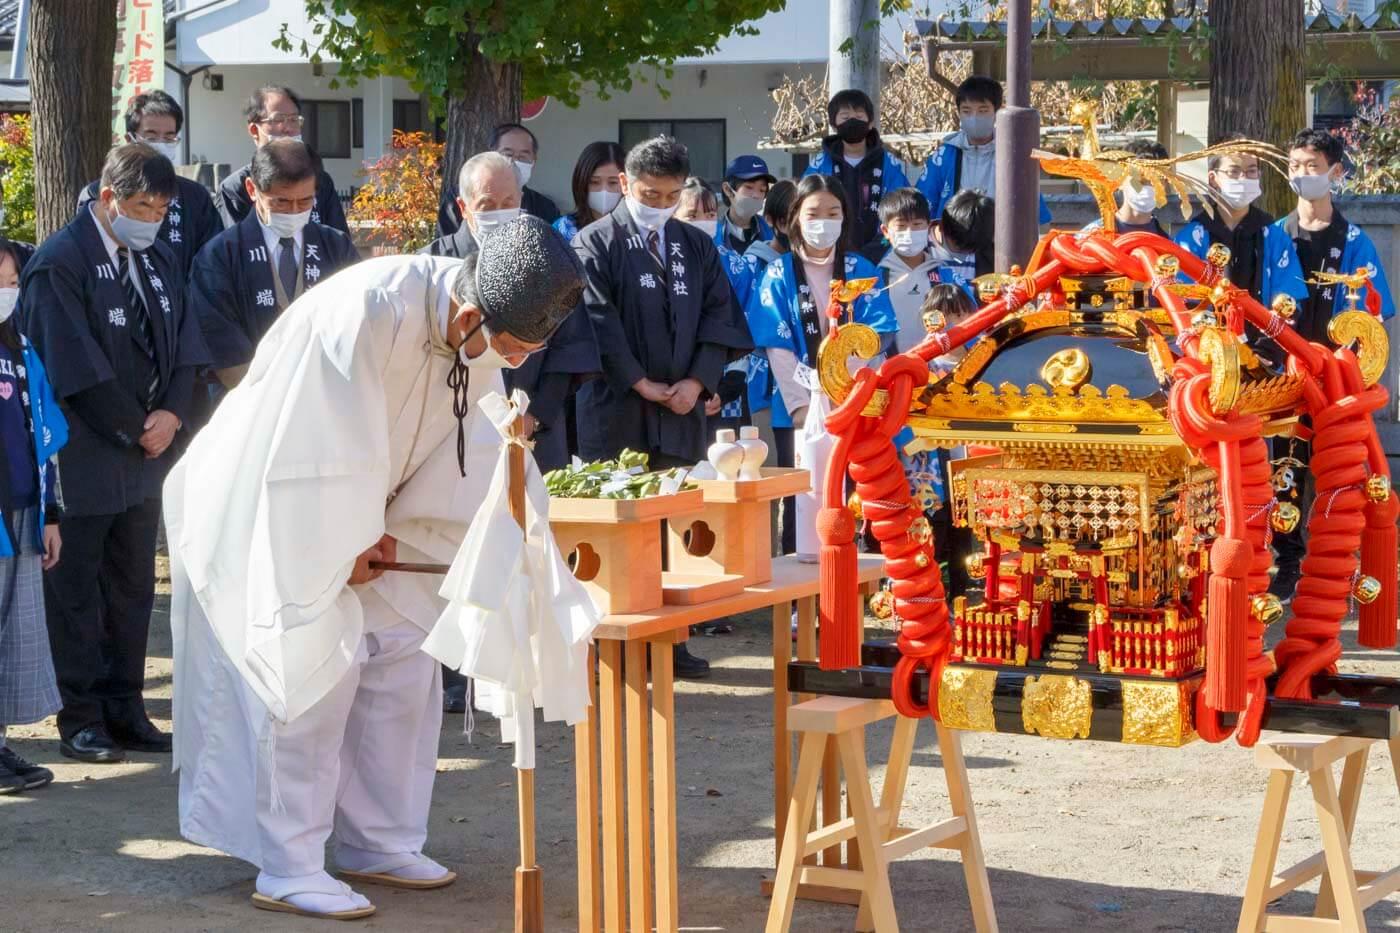 長野県の地域へお神輿贈呈